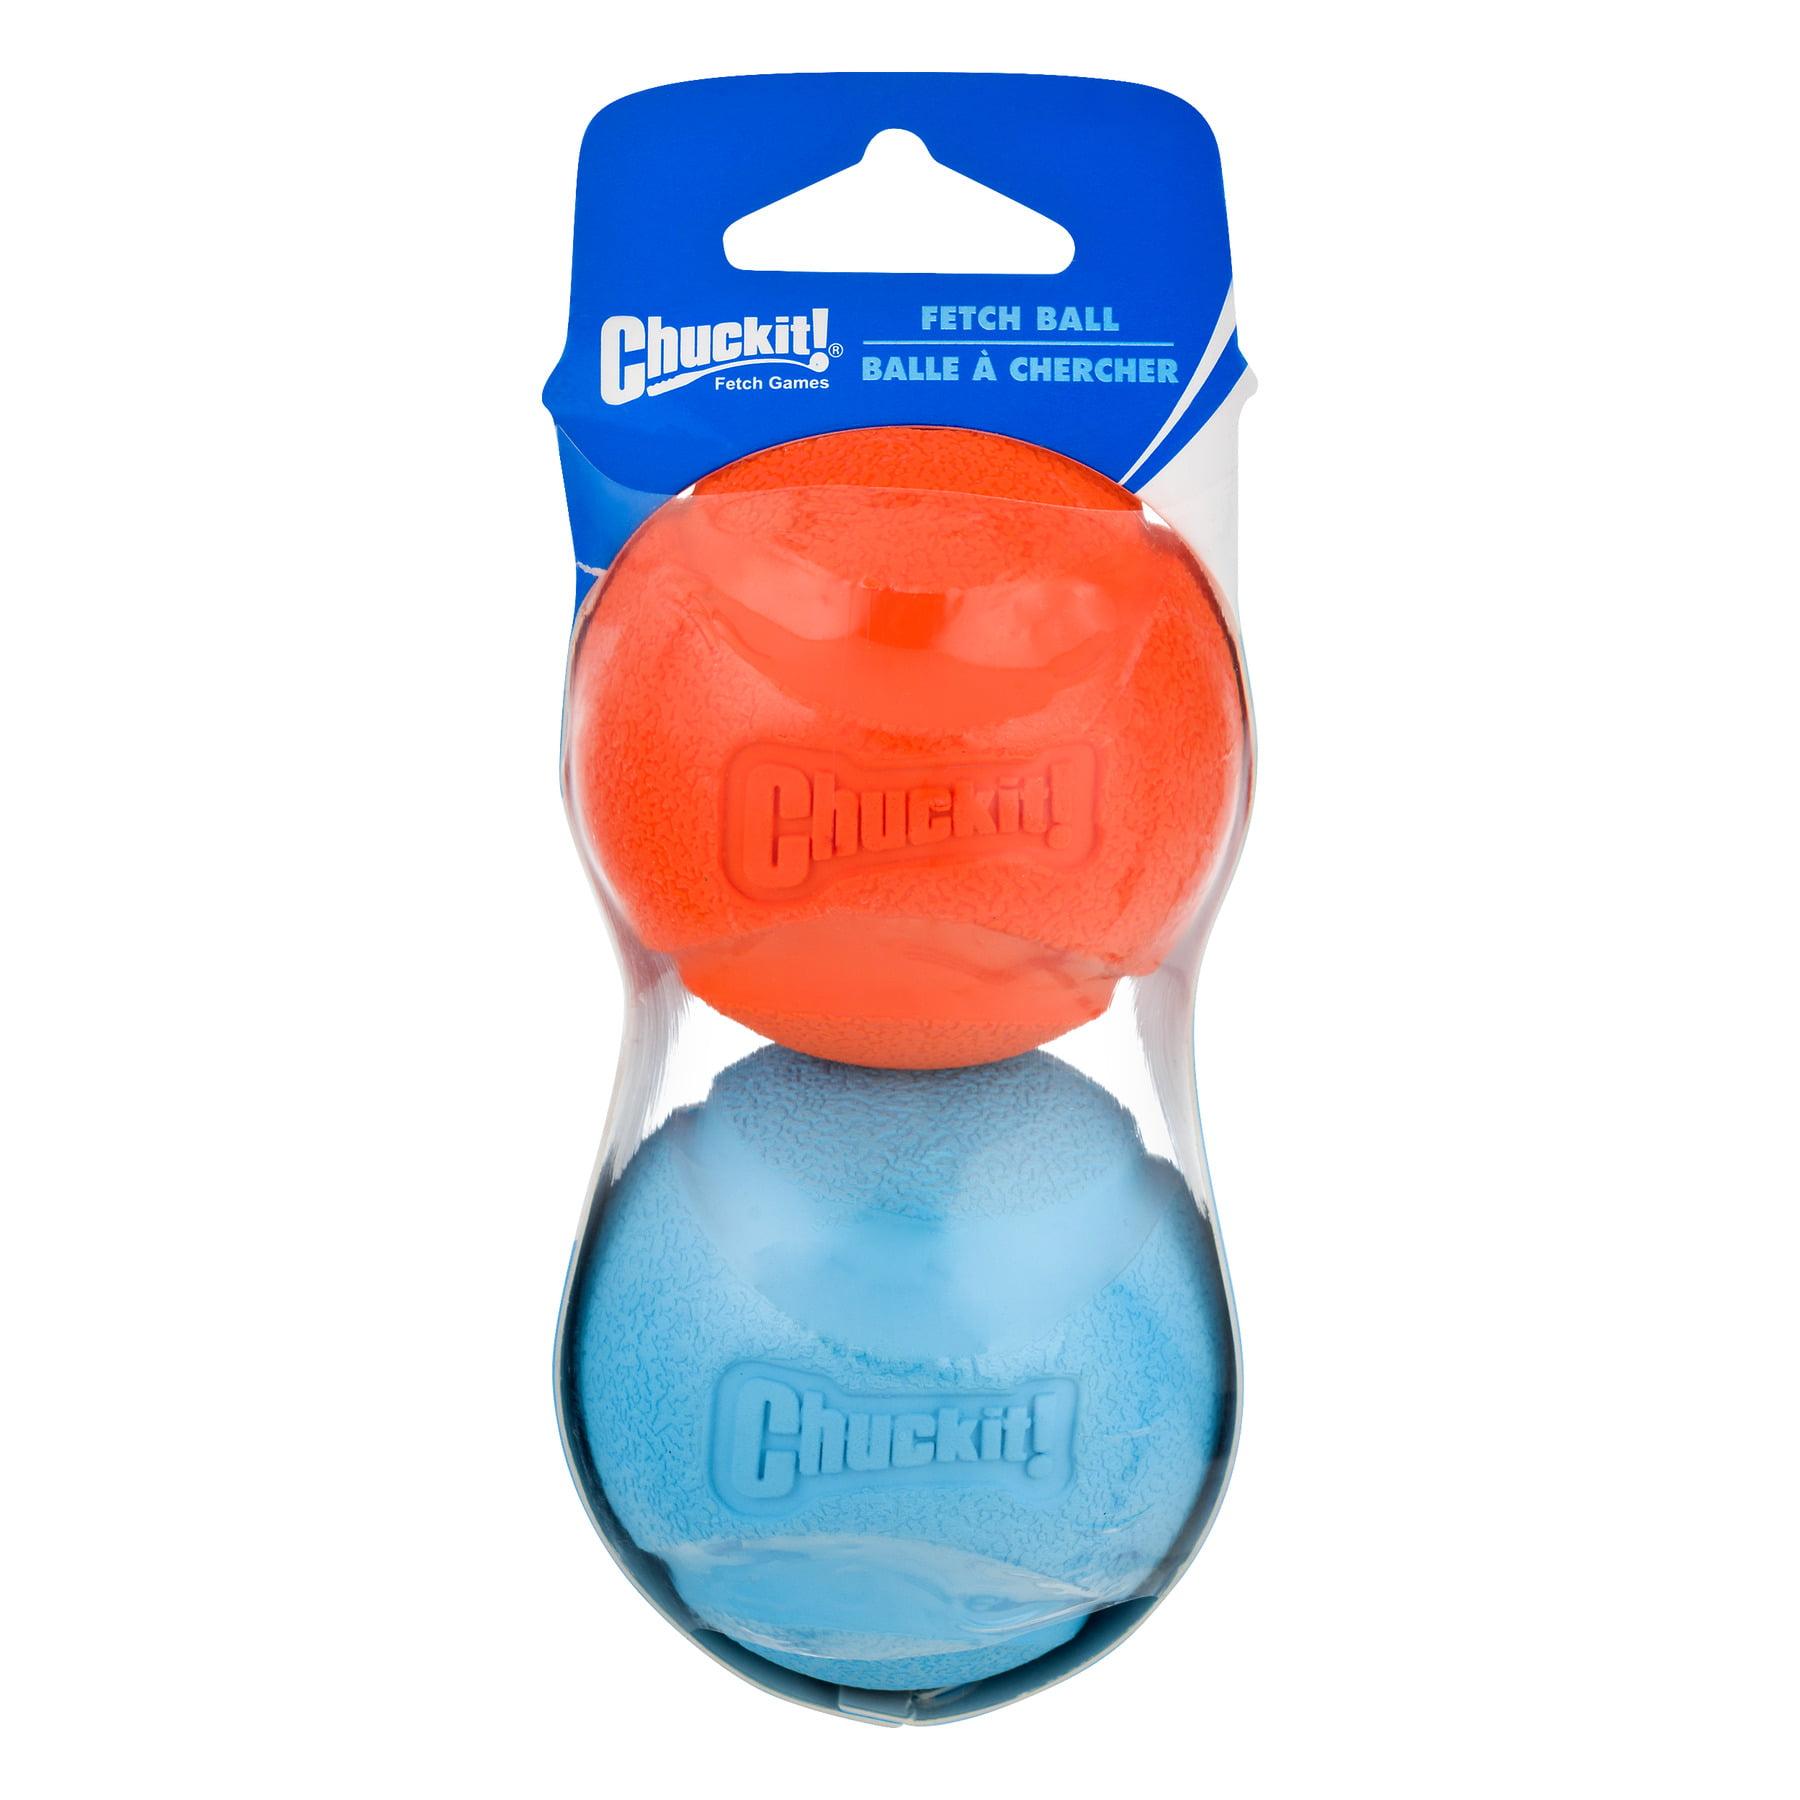 Chuckit! Fetch Ball - 2 CT2.0 CT